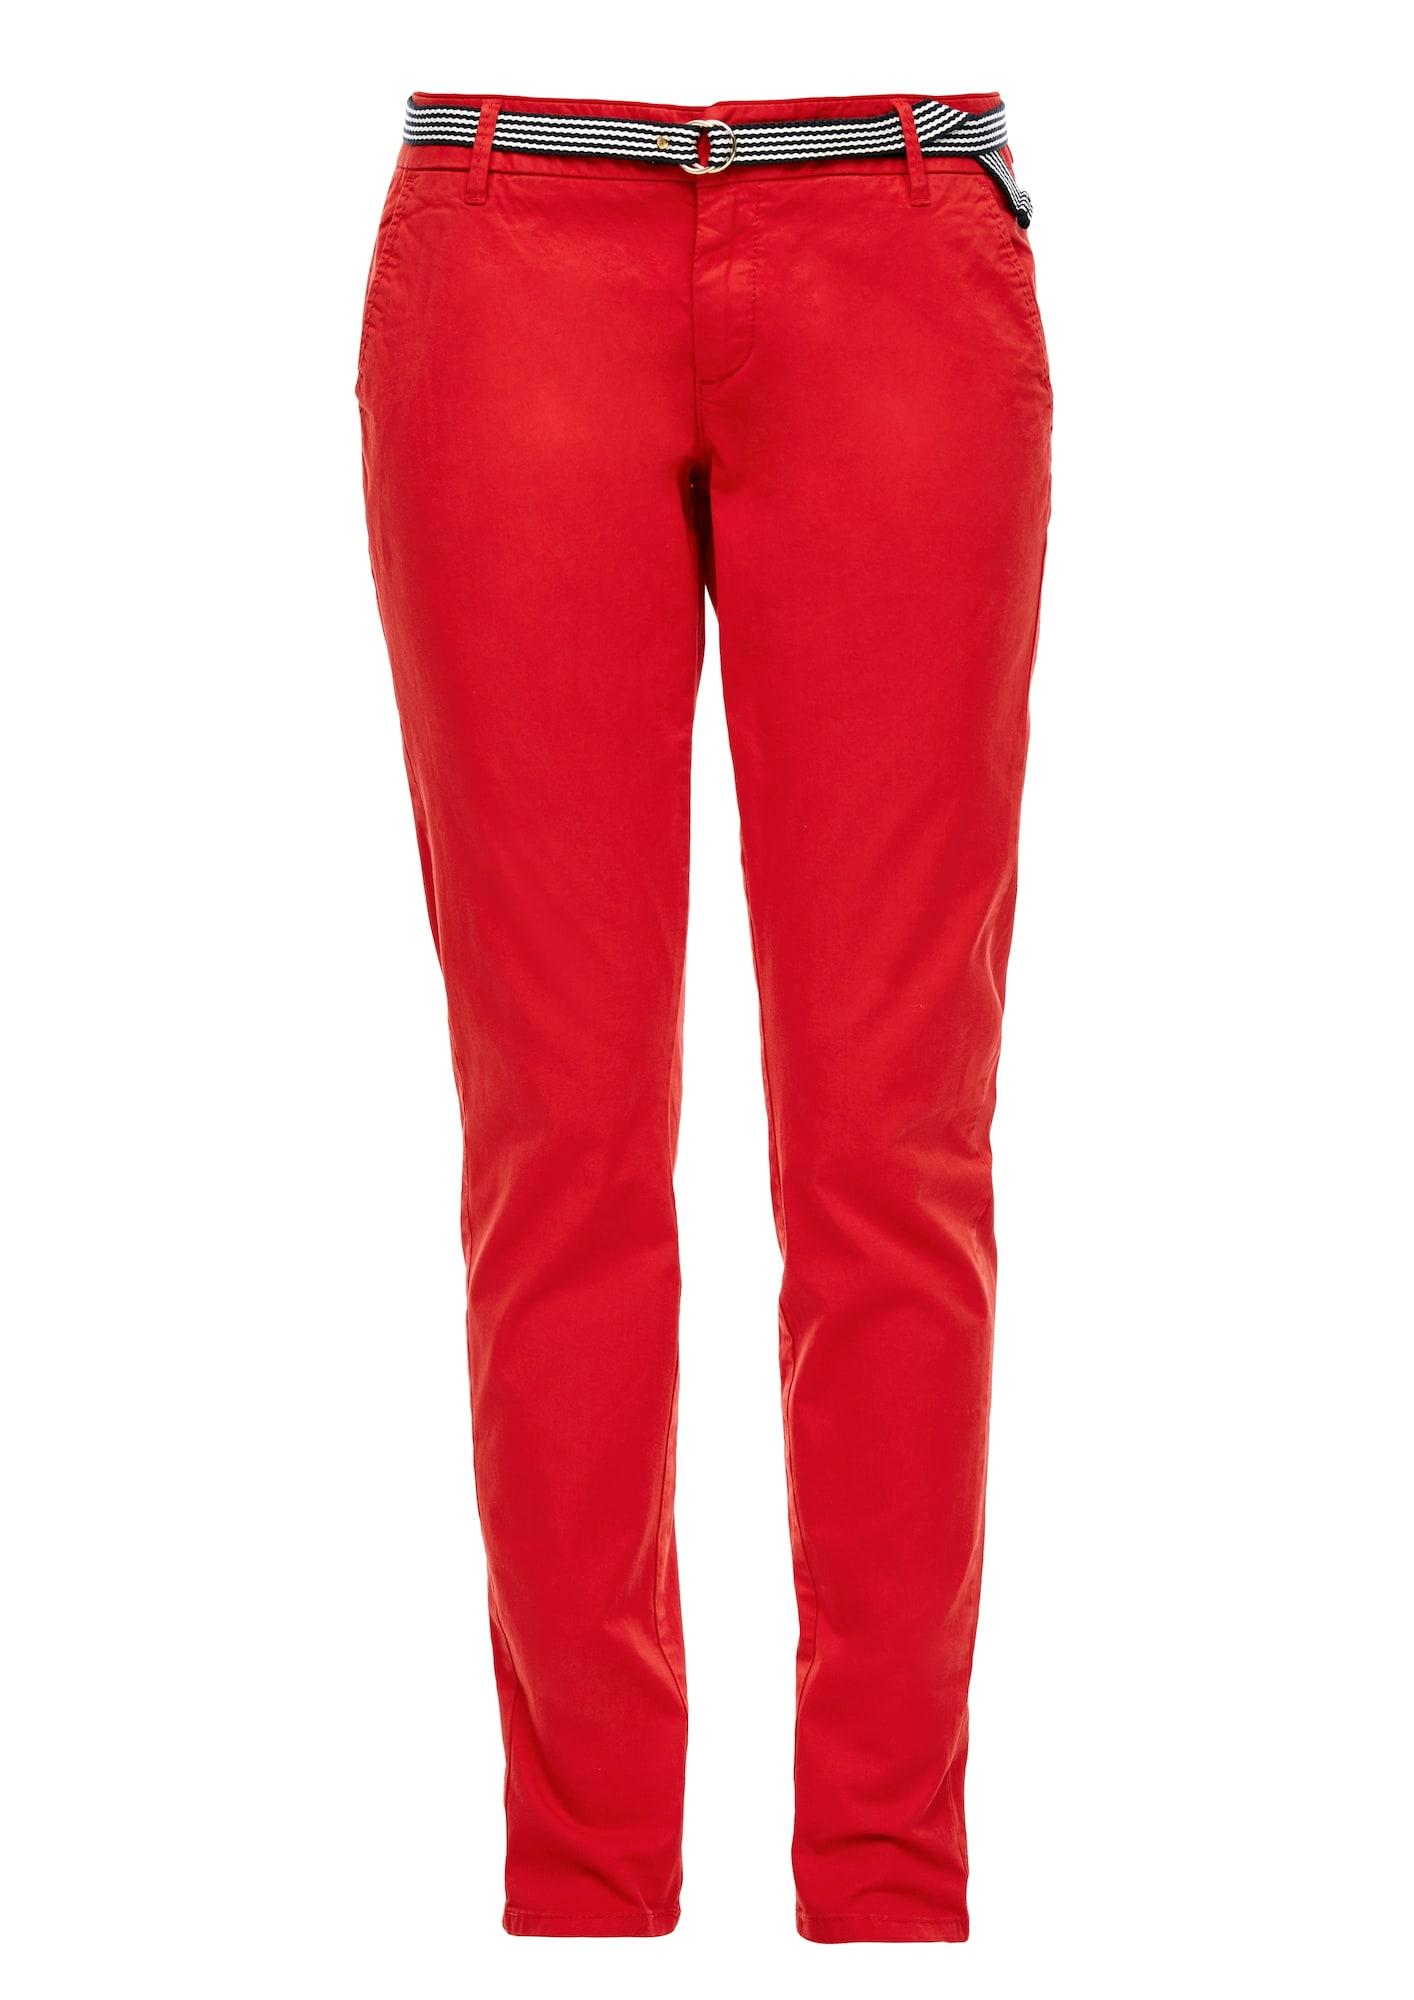 s.Oliver Chino stiliaus kelnės 'Tapered' raudona